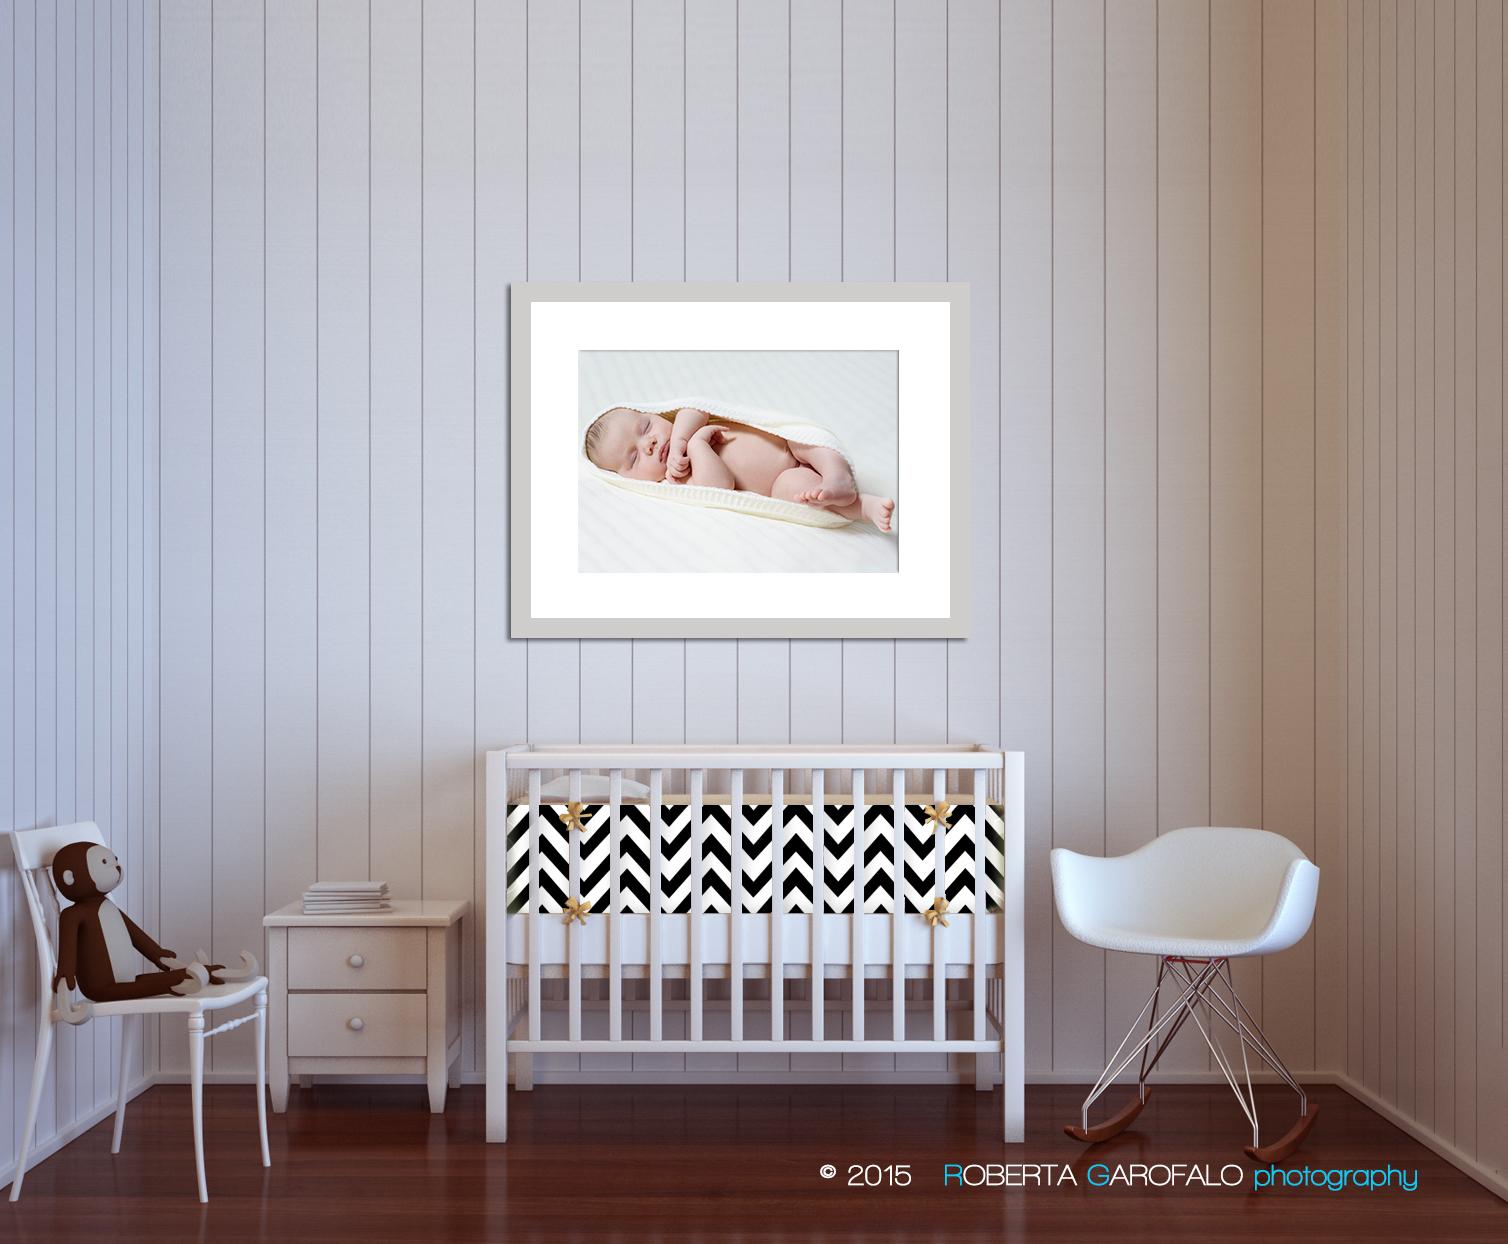 Ritratti fotografici di gravidanza e neonati a Roma Roberta Garofalo photography